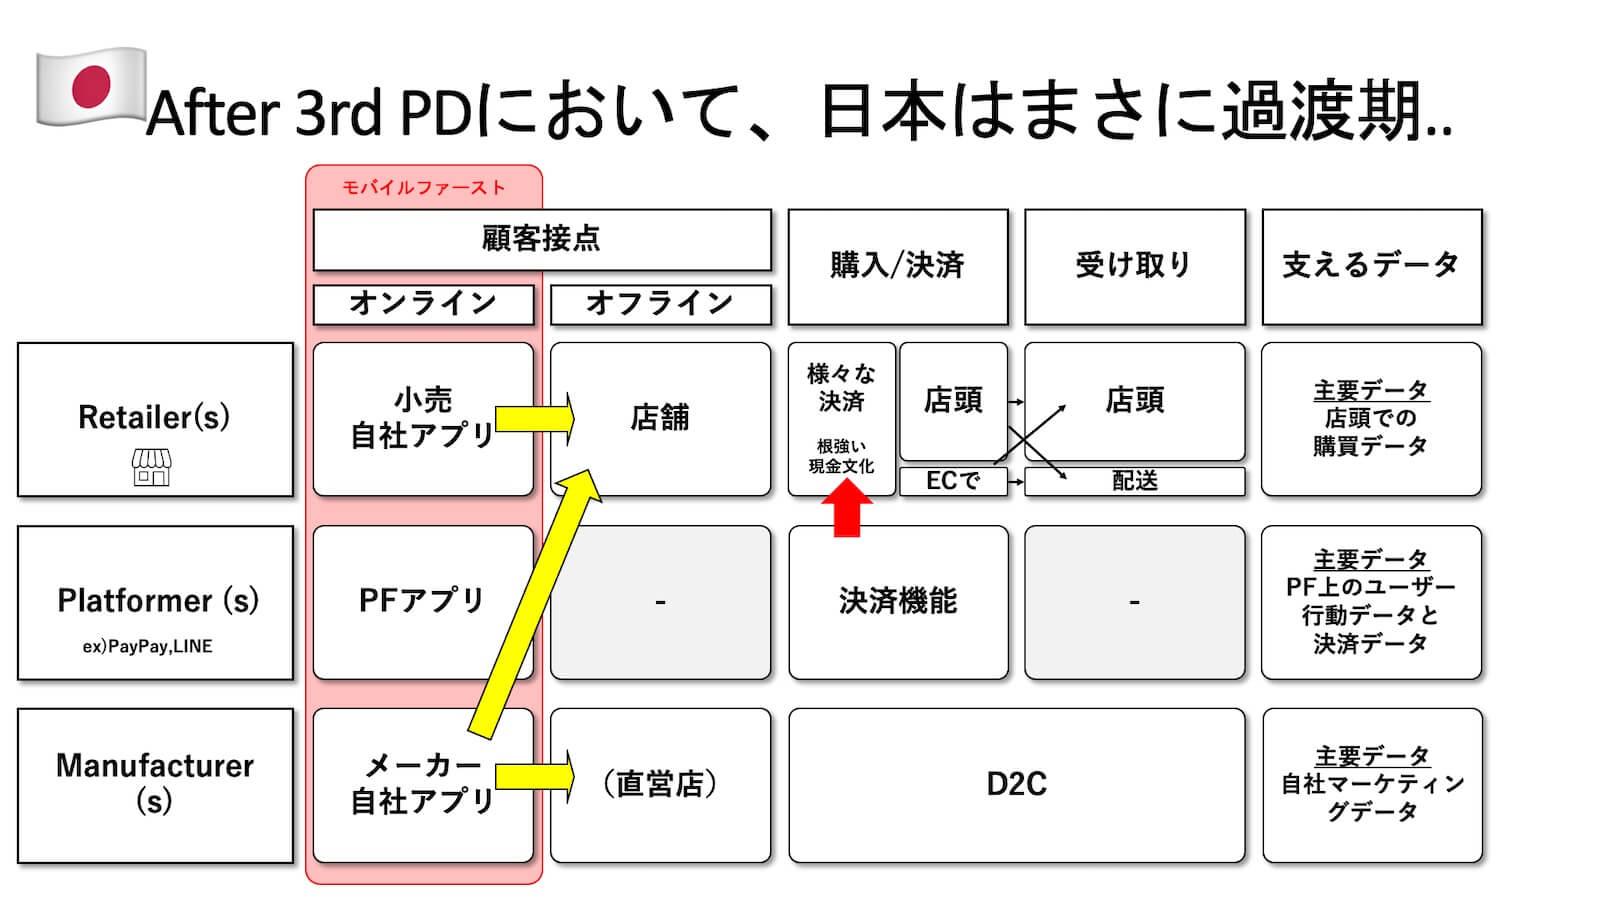 日本の場合:After 3rd Partydataにおいて過渡期